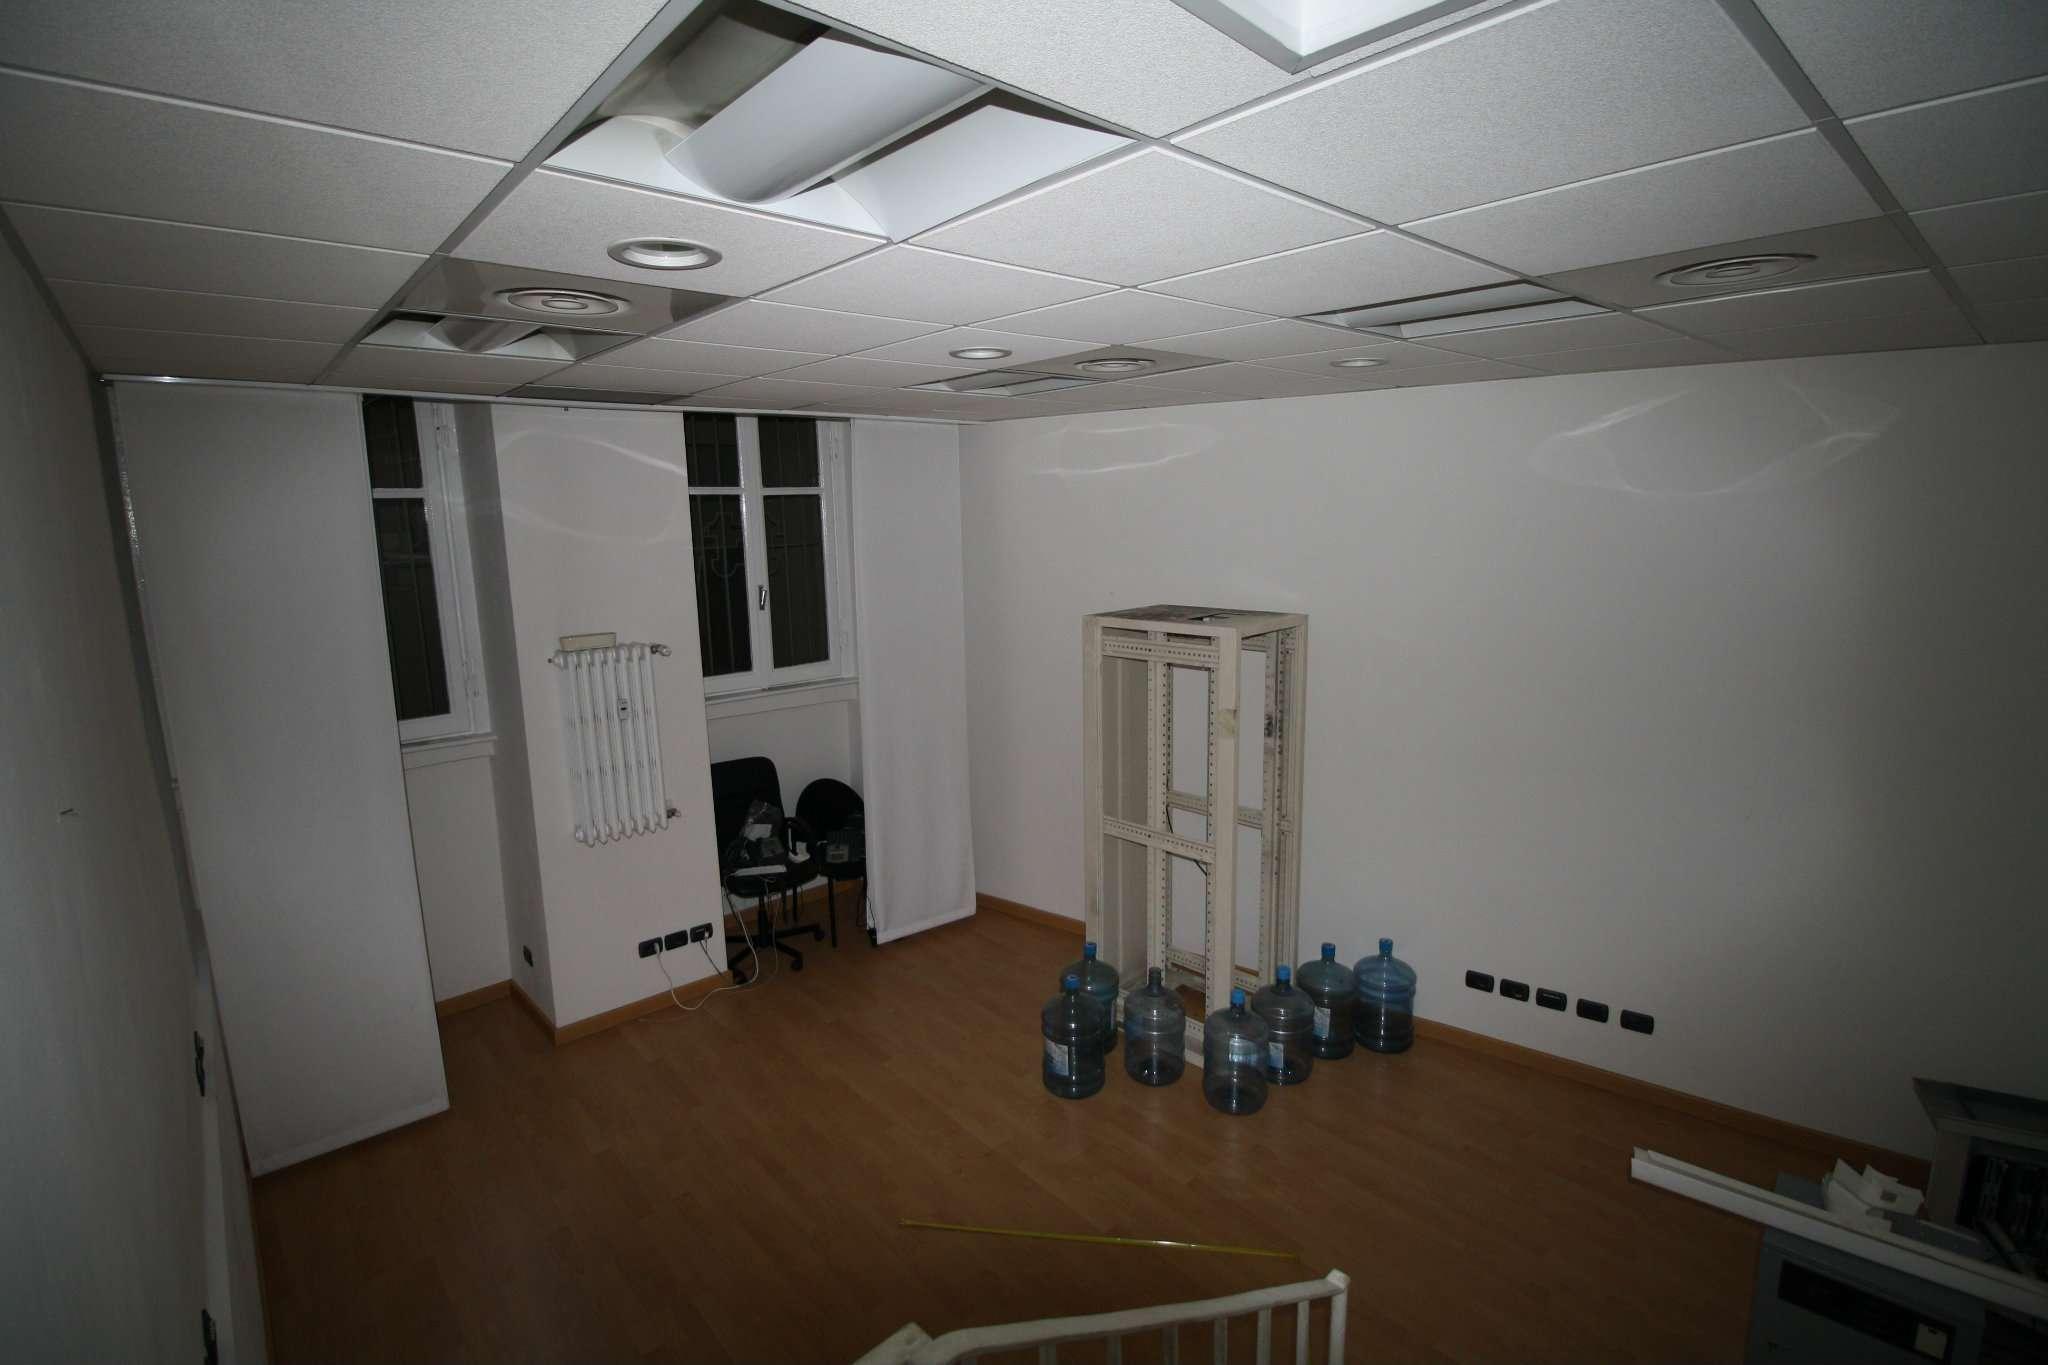 Ufficio-studio in Vendita a Milano 01 Centro storico (Cerchia dei Navigli):  1 locali, 25 mq  - Foto 1